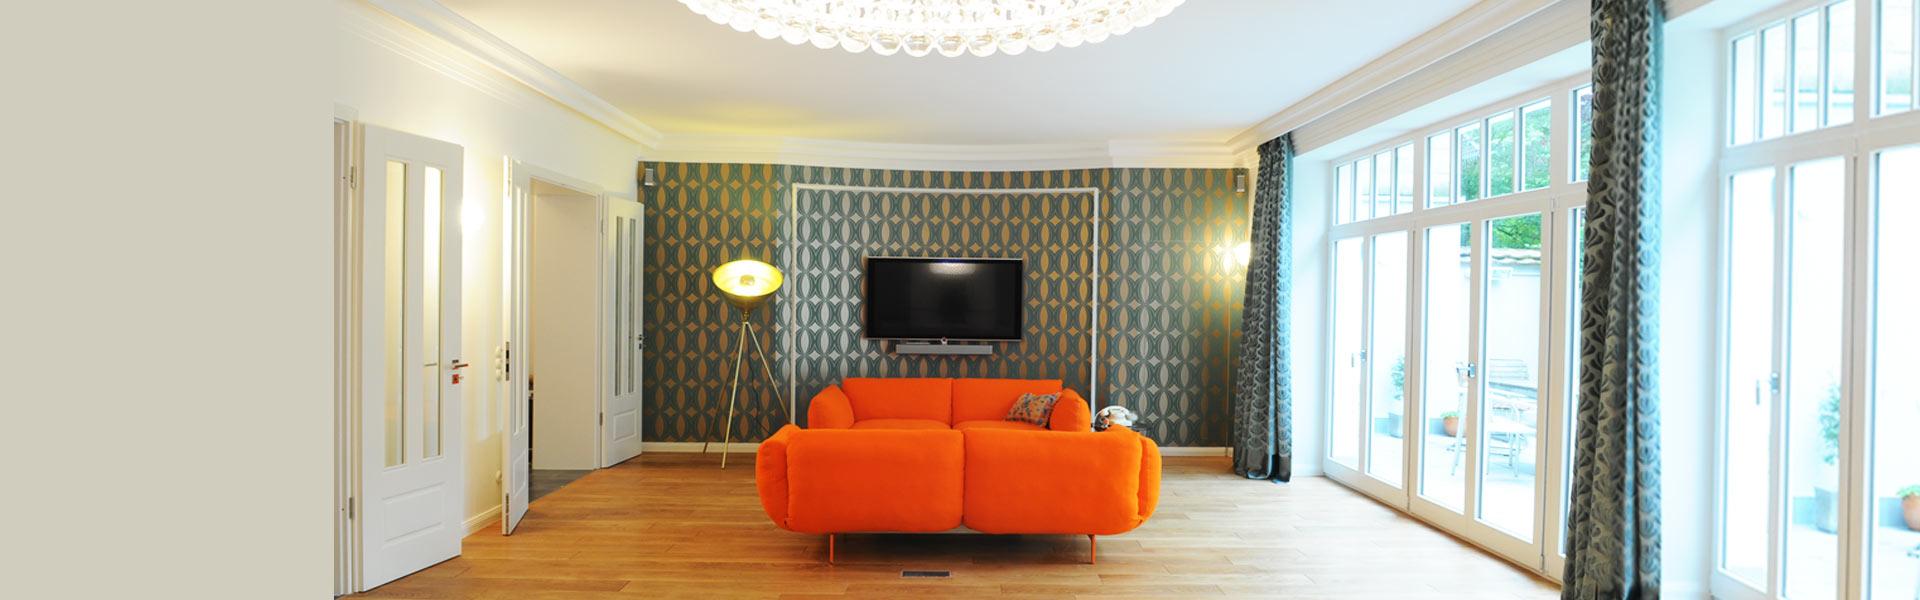 Einfamilienhaus Architektur Innenarchitektur Düsseldorf